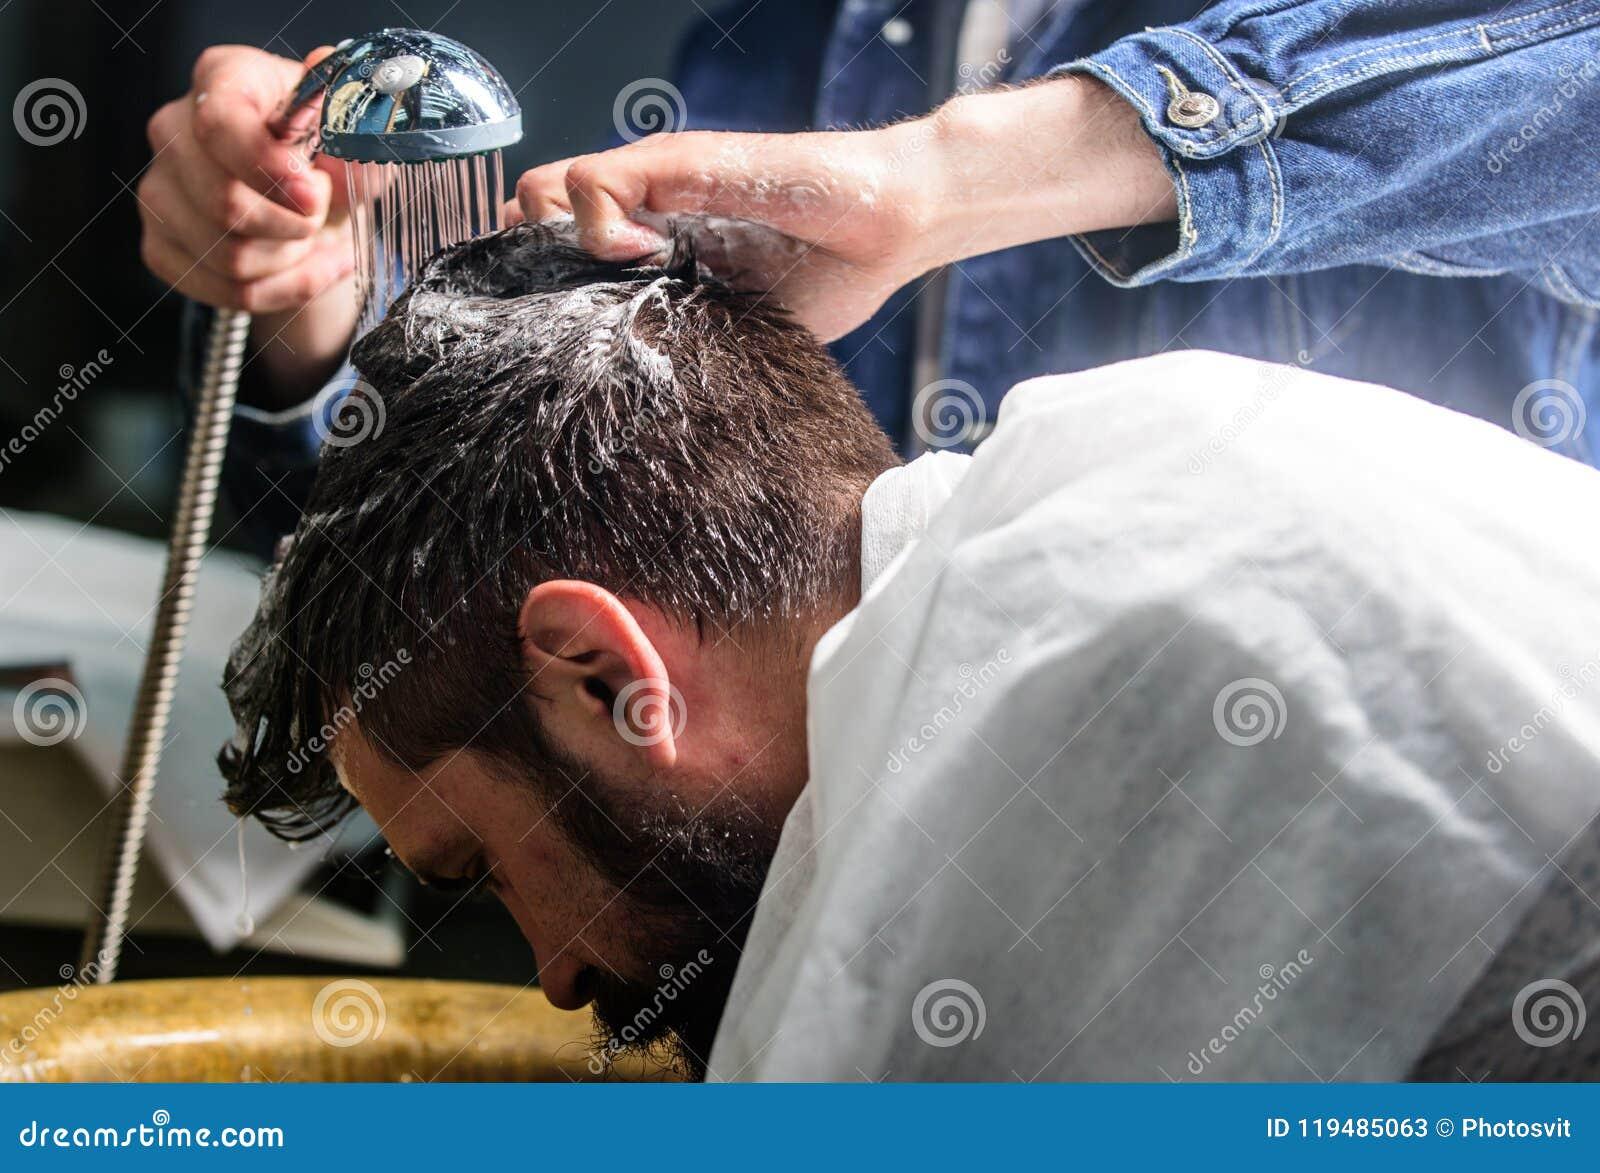 Spalle Sulle Uomo E Con La L'asciugamano Barba Mani Baffi xwqfPq0H